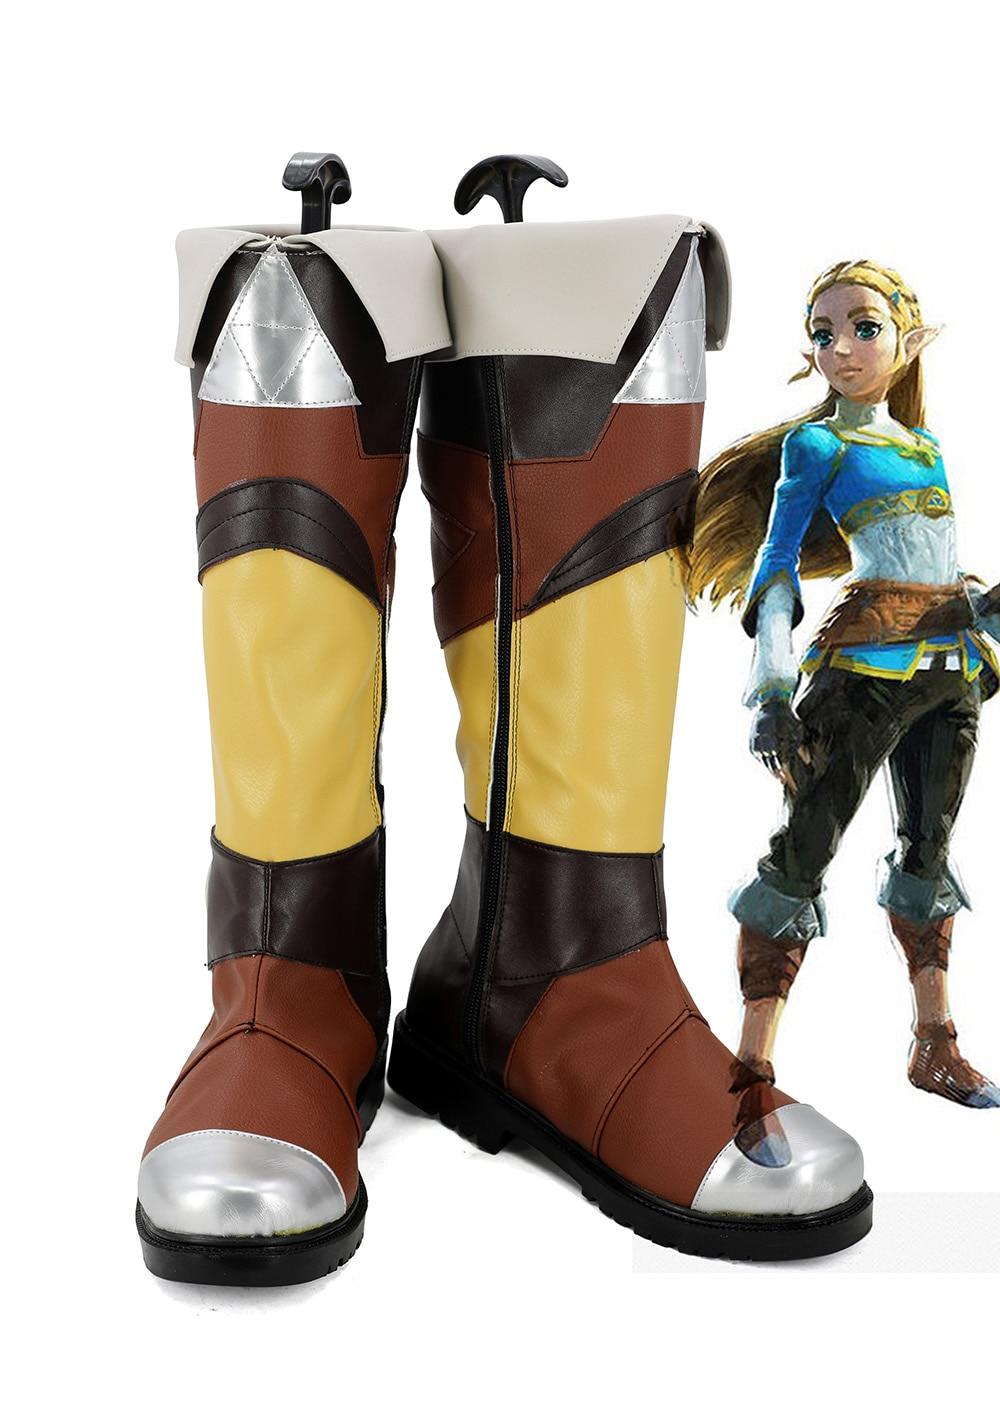 Легенда о Зельде; обувь принцессы Зельды для костюмированной вечеринки; обувь на заказ